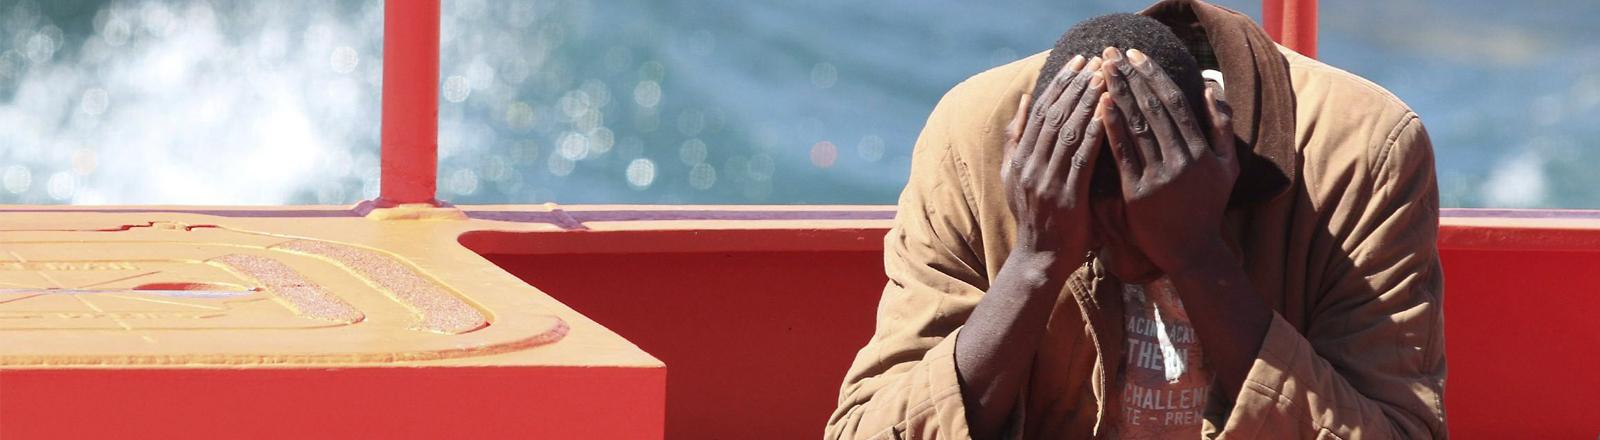 Ein Mann, der gerade von einem Flüchtlingsboot gerettet wurde, hat den Kopf in den Händen vergraben